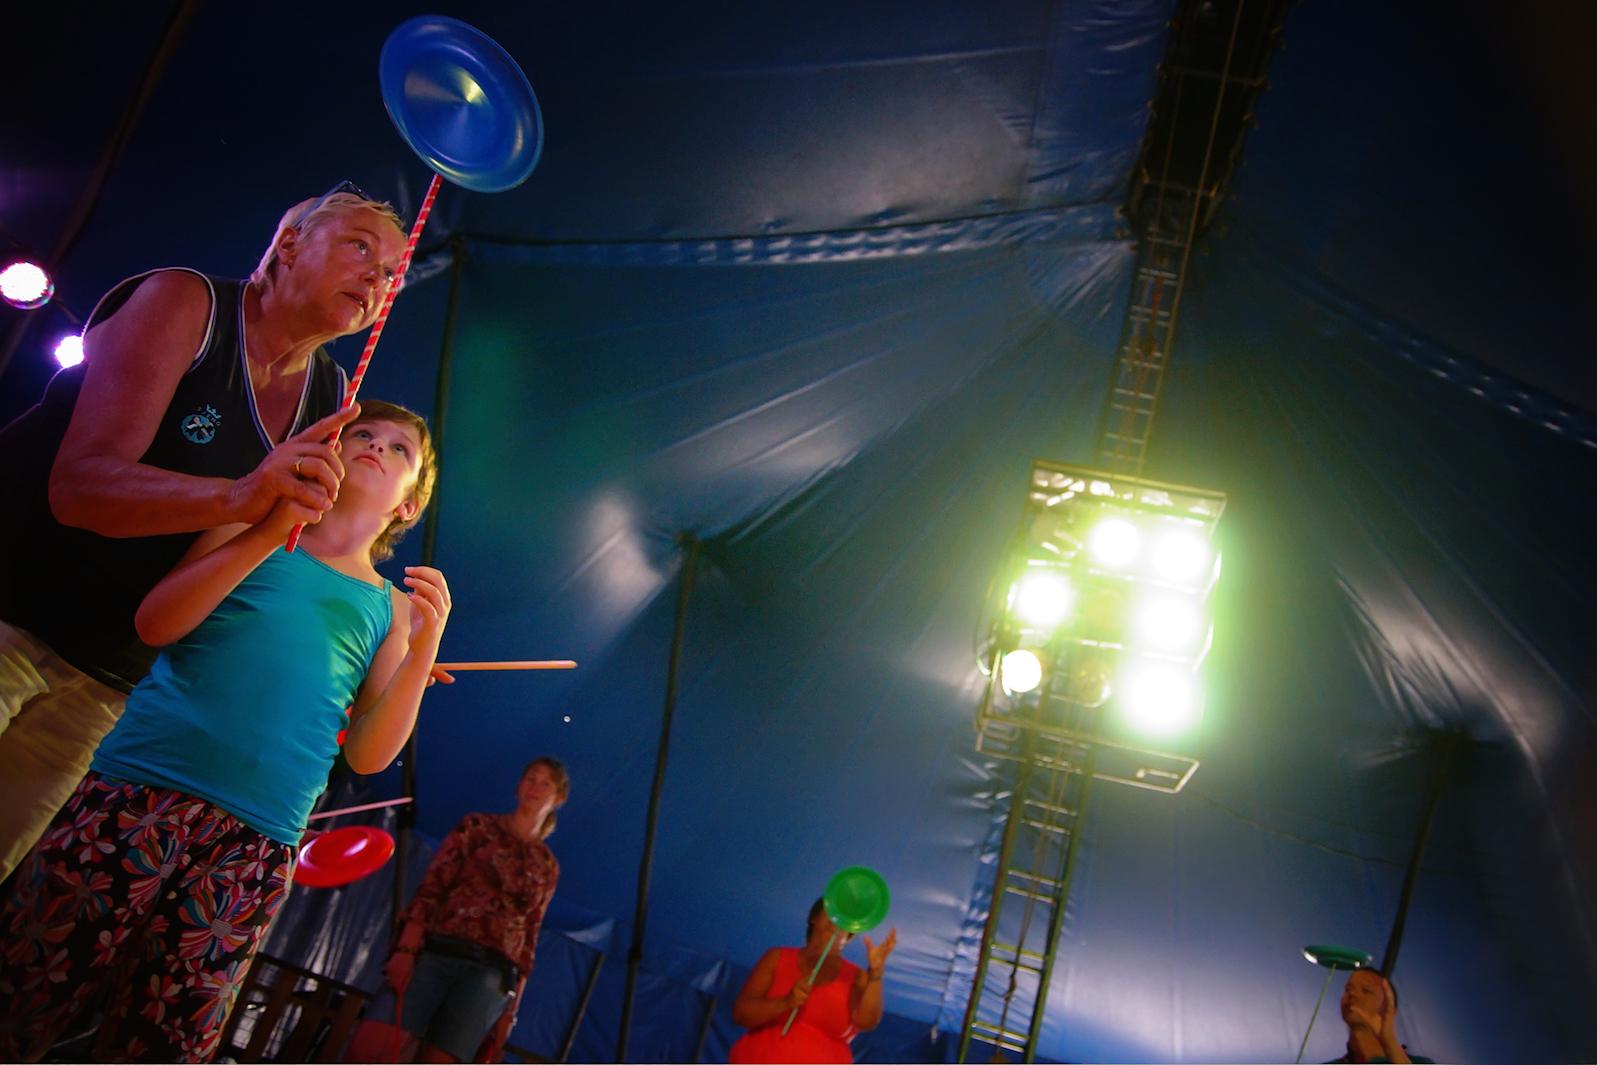 circusfeestje 1